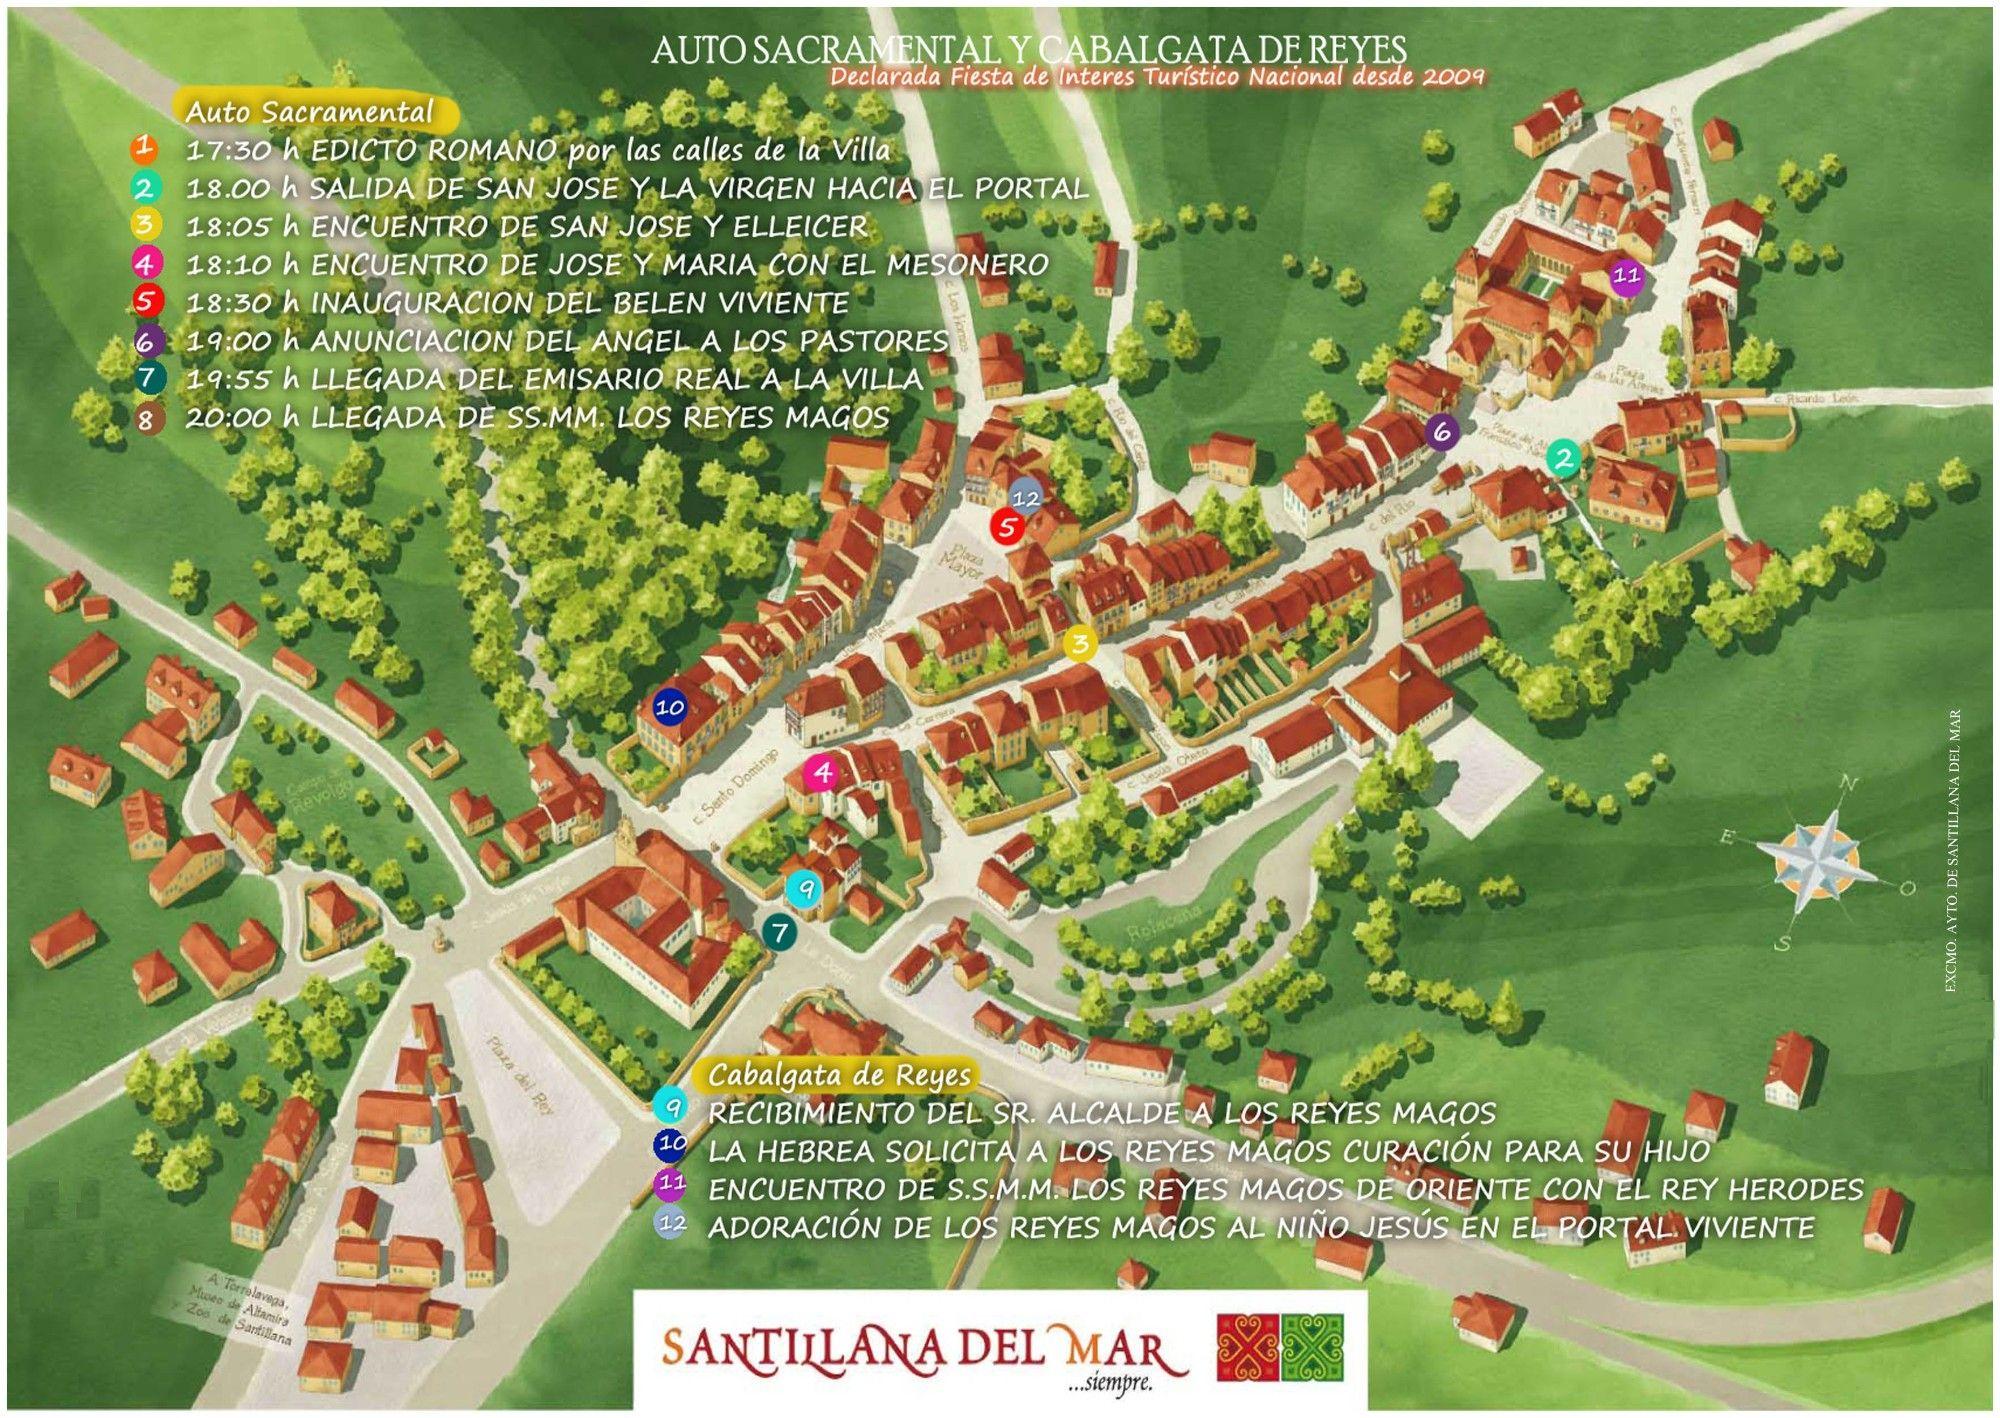 Santillana Del Mar Mapa.Santillana Del Mar Map Google Search Villas